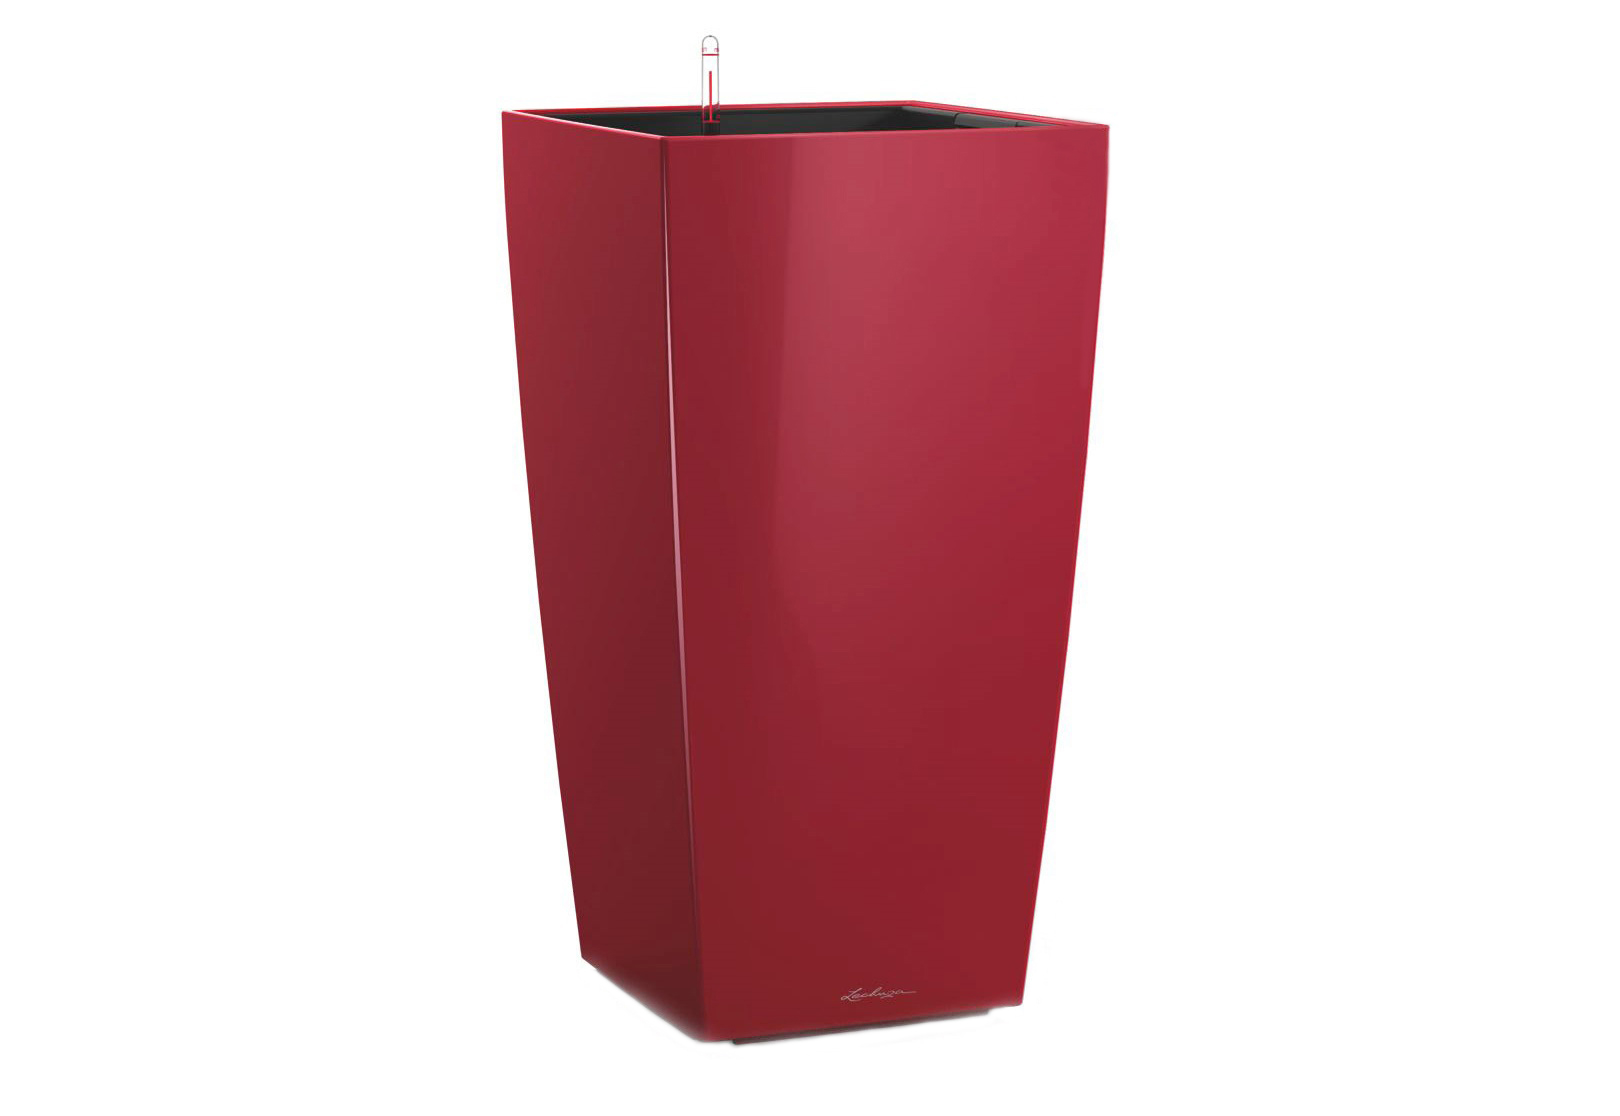 Кашпо с системой полива КубикоКашпо<br>Кашпо со съемным горшком.<br><br>Material: Пластик<br>Width см: 30<br>Depth см: 30<br>Height см: 56